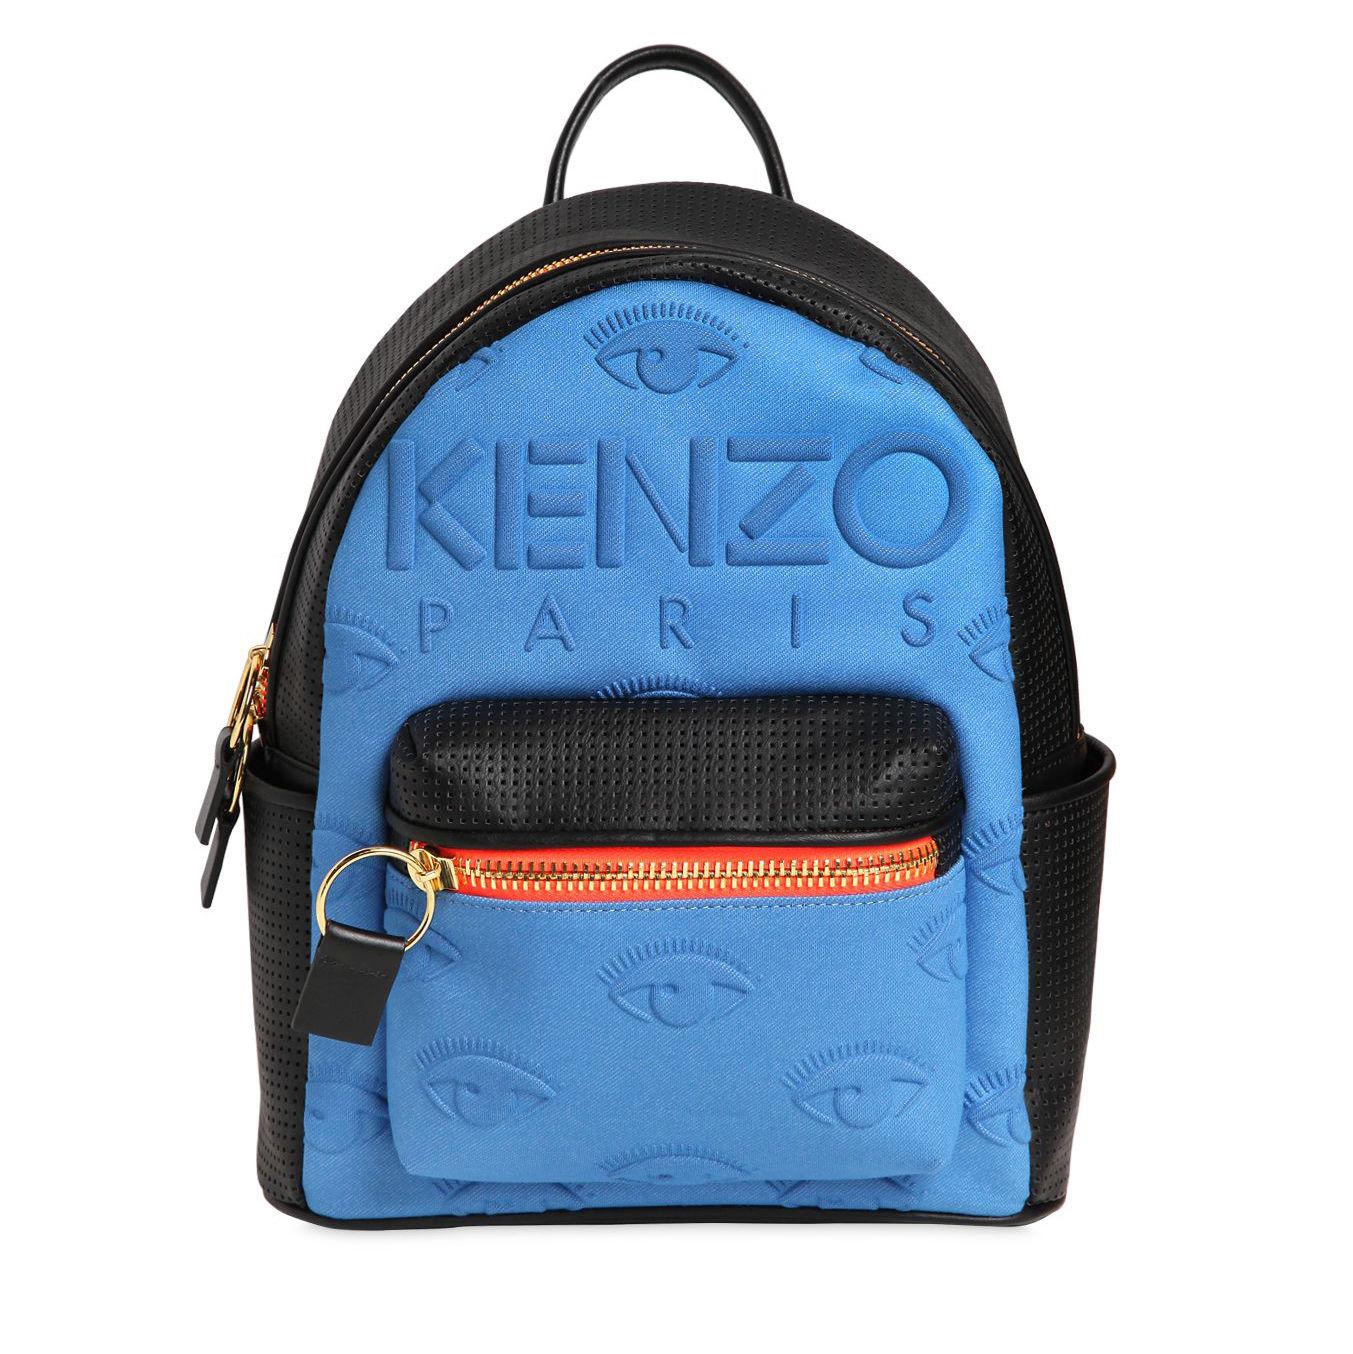 5061755a0e5c3 Plecak kombo KENZO – Kup Teraz! Najlepsze ceny i opinie! Sklep ...